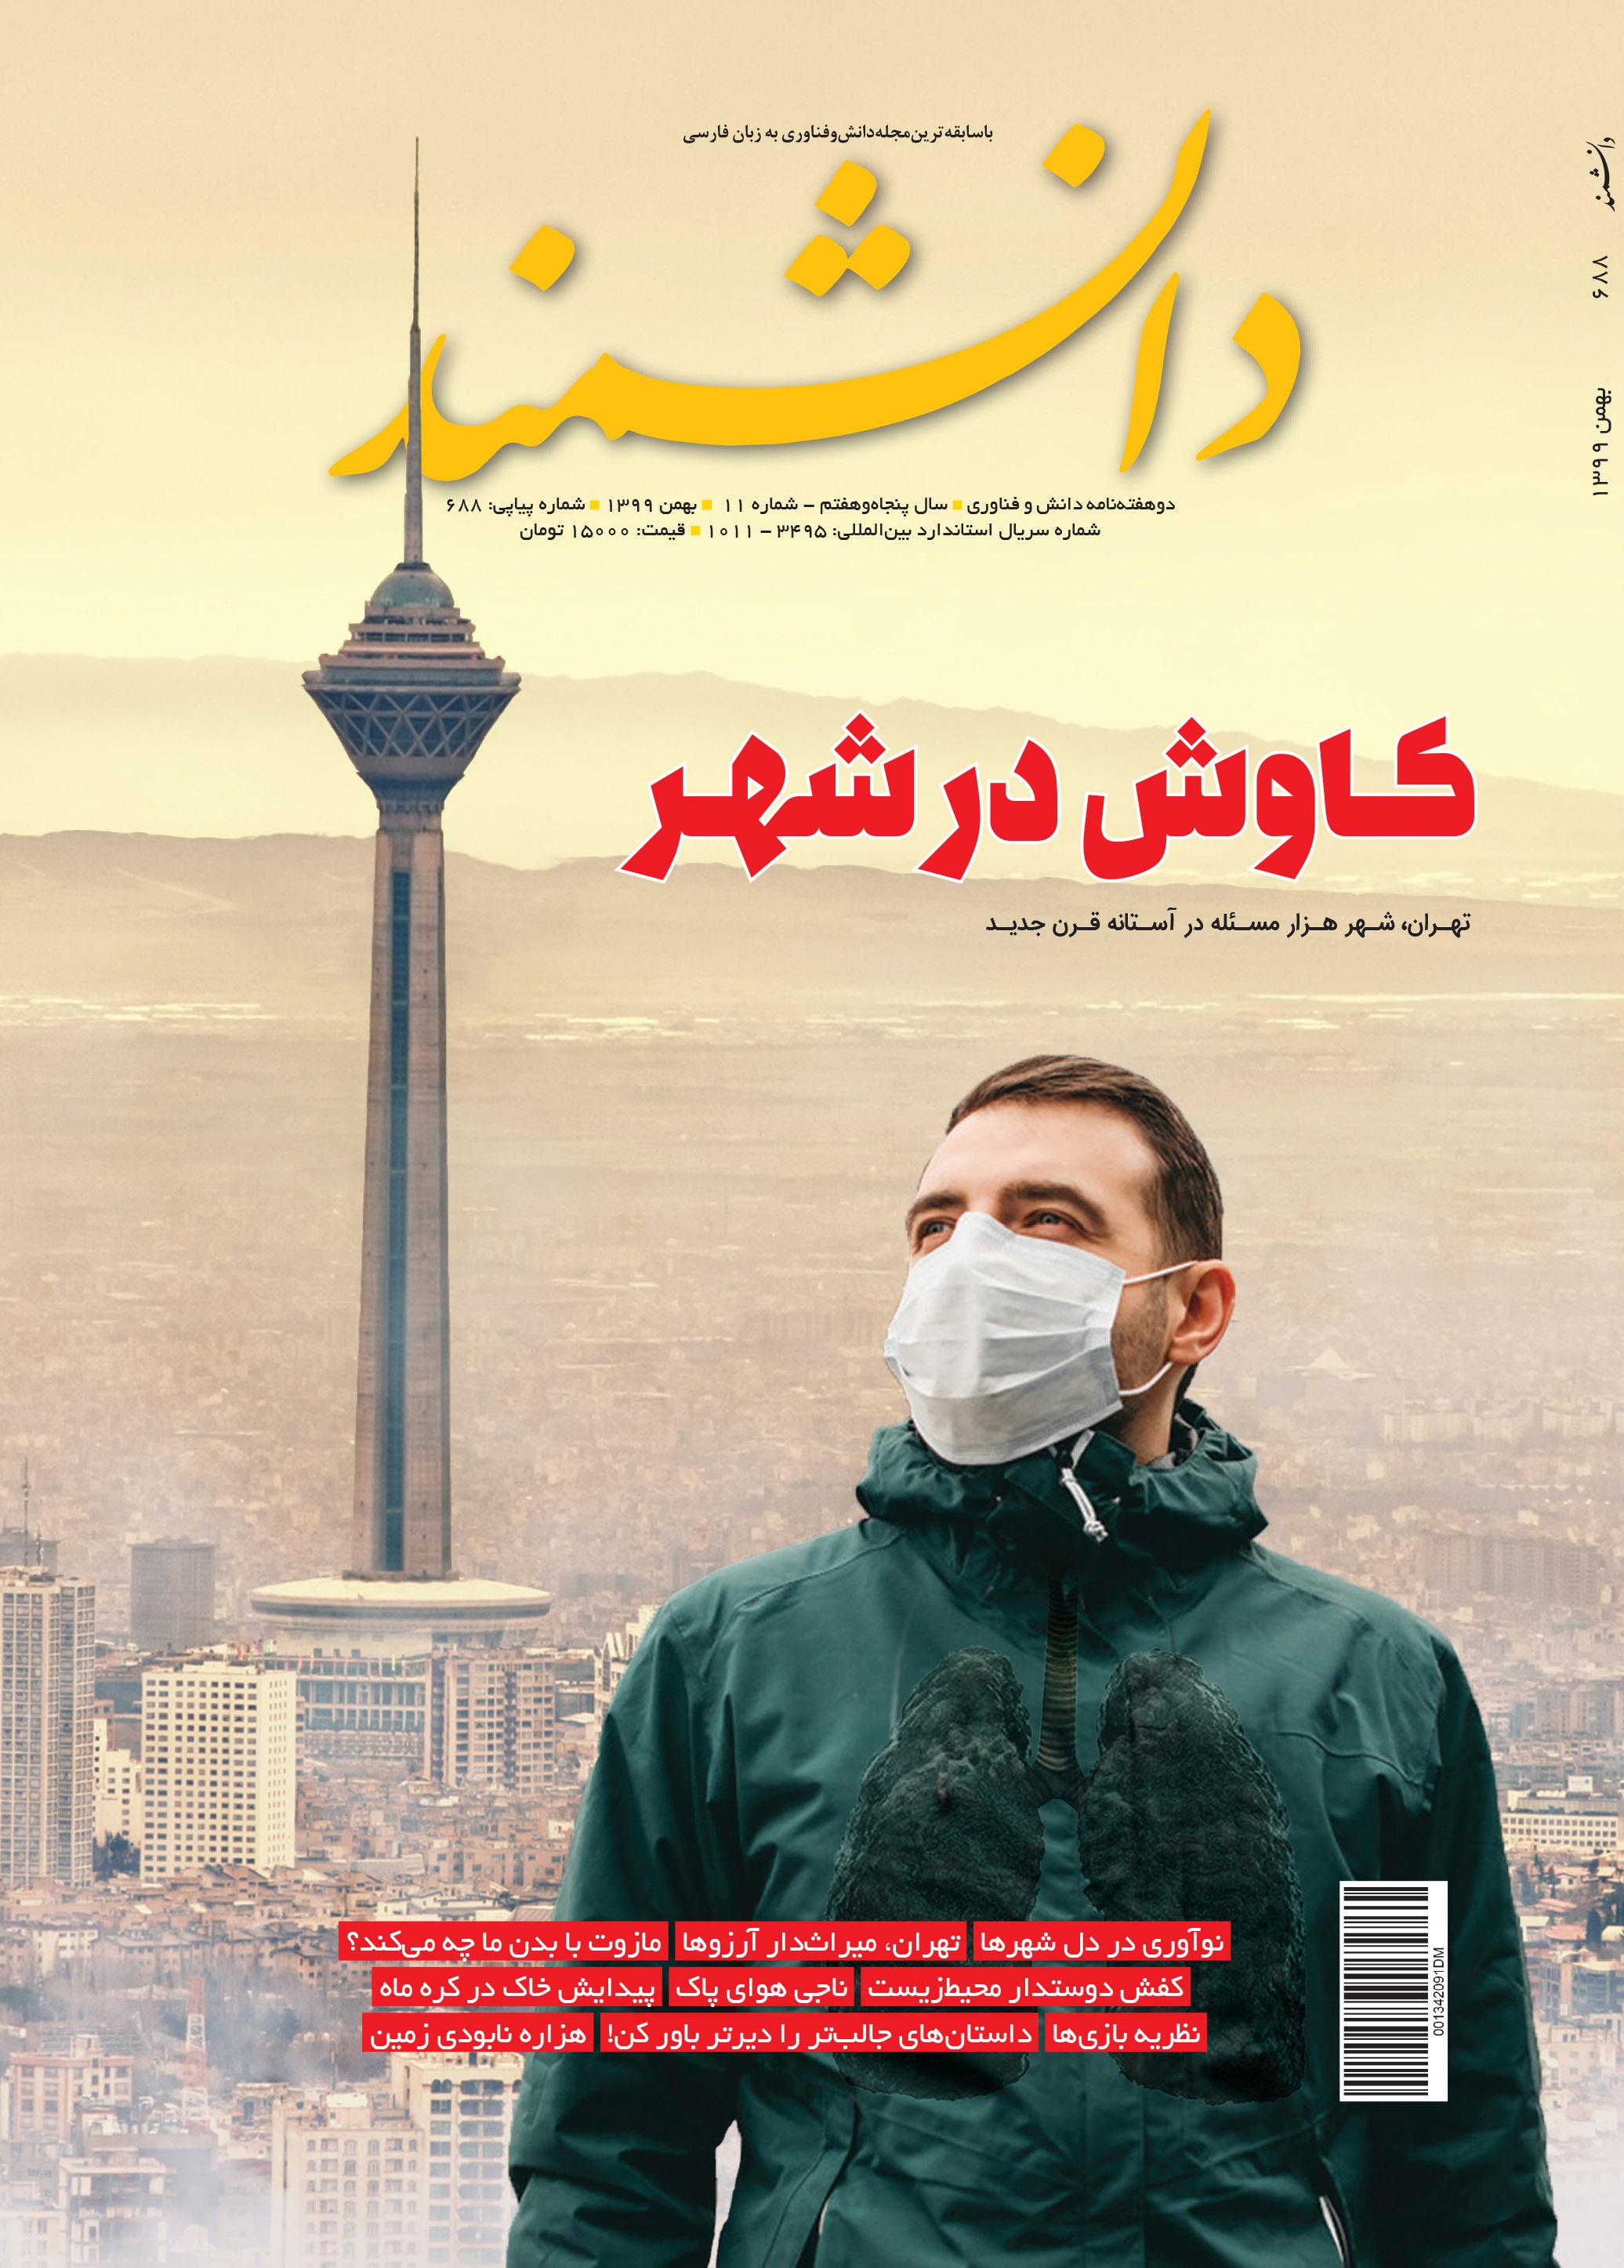 کاوش در شهر ؛ شماره بهمن ماه 1399 مجله دانشمند منتشر شد